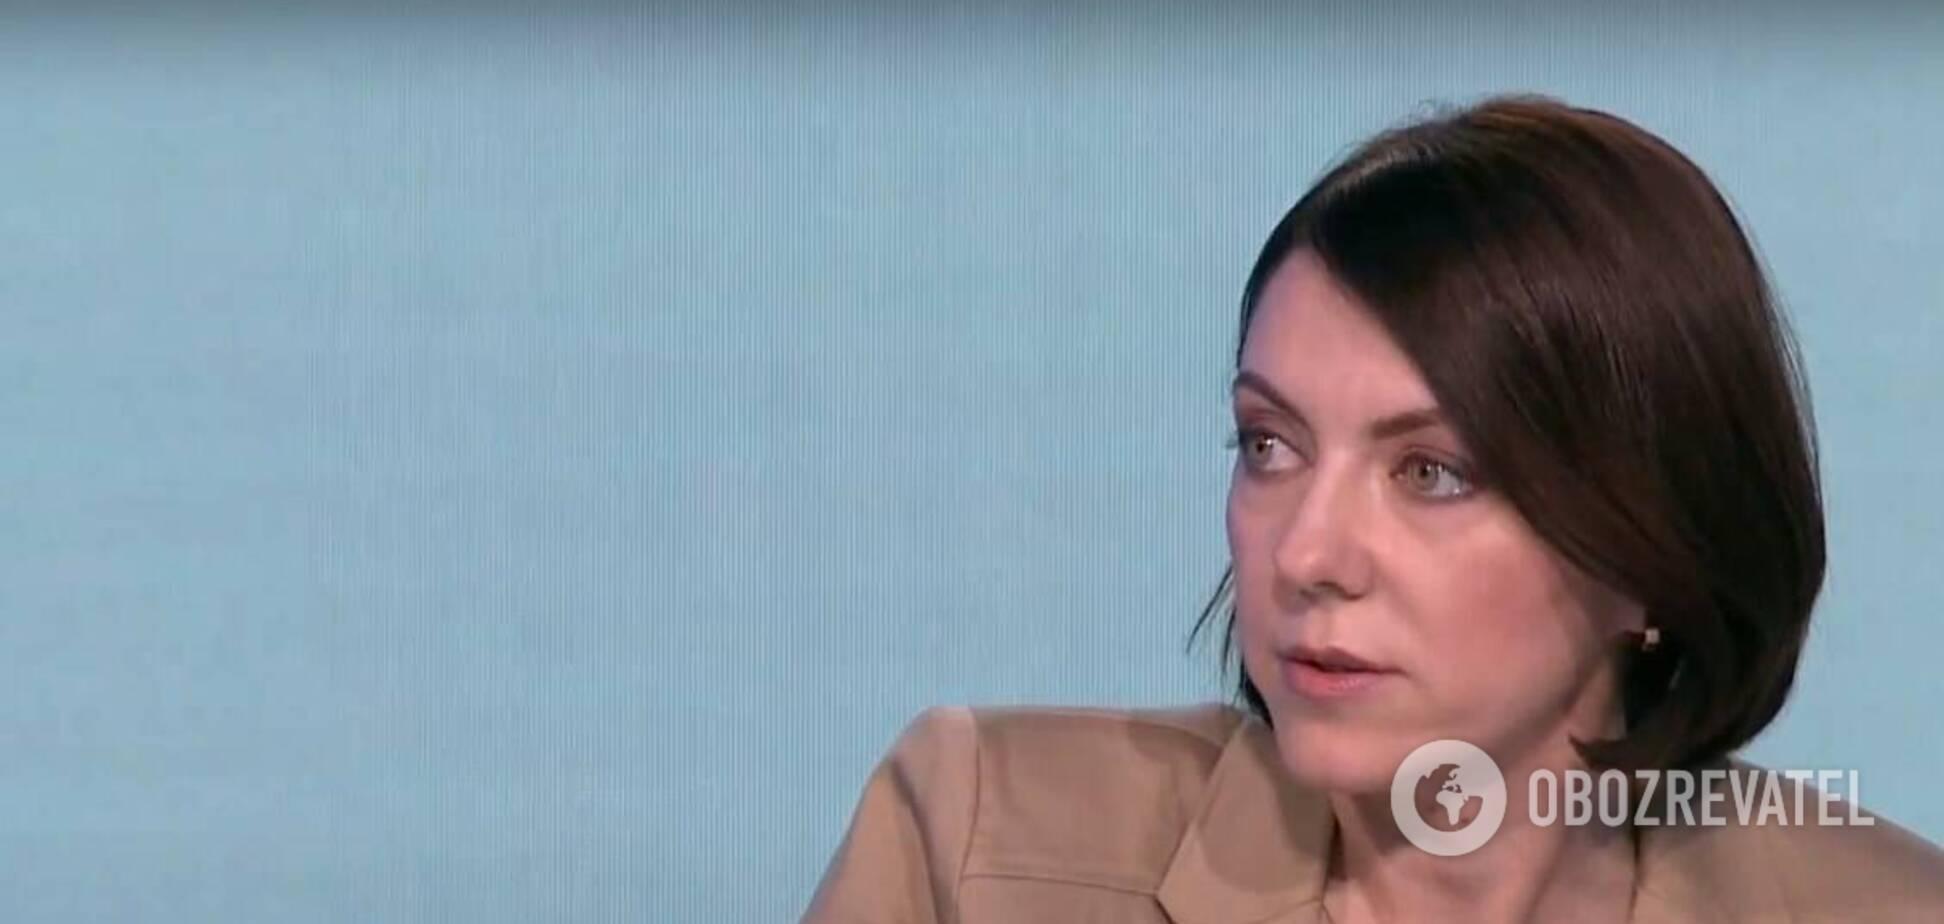 Ганна Маляр розповіла, як знизити злочинність в Україні